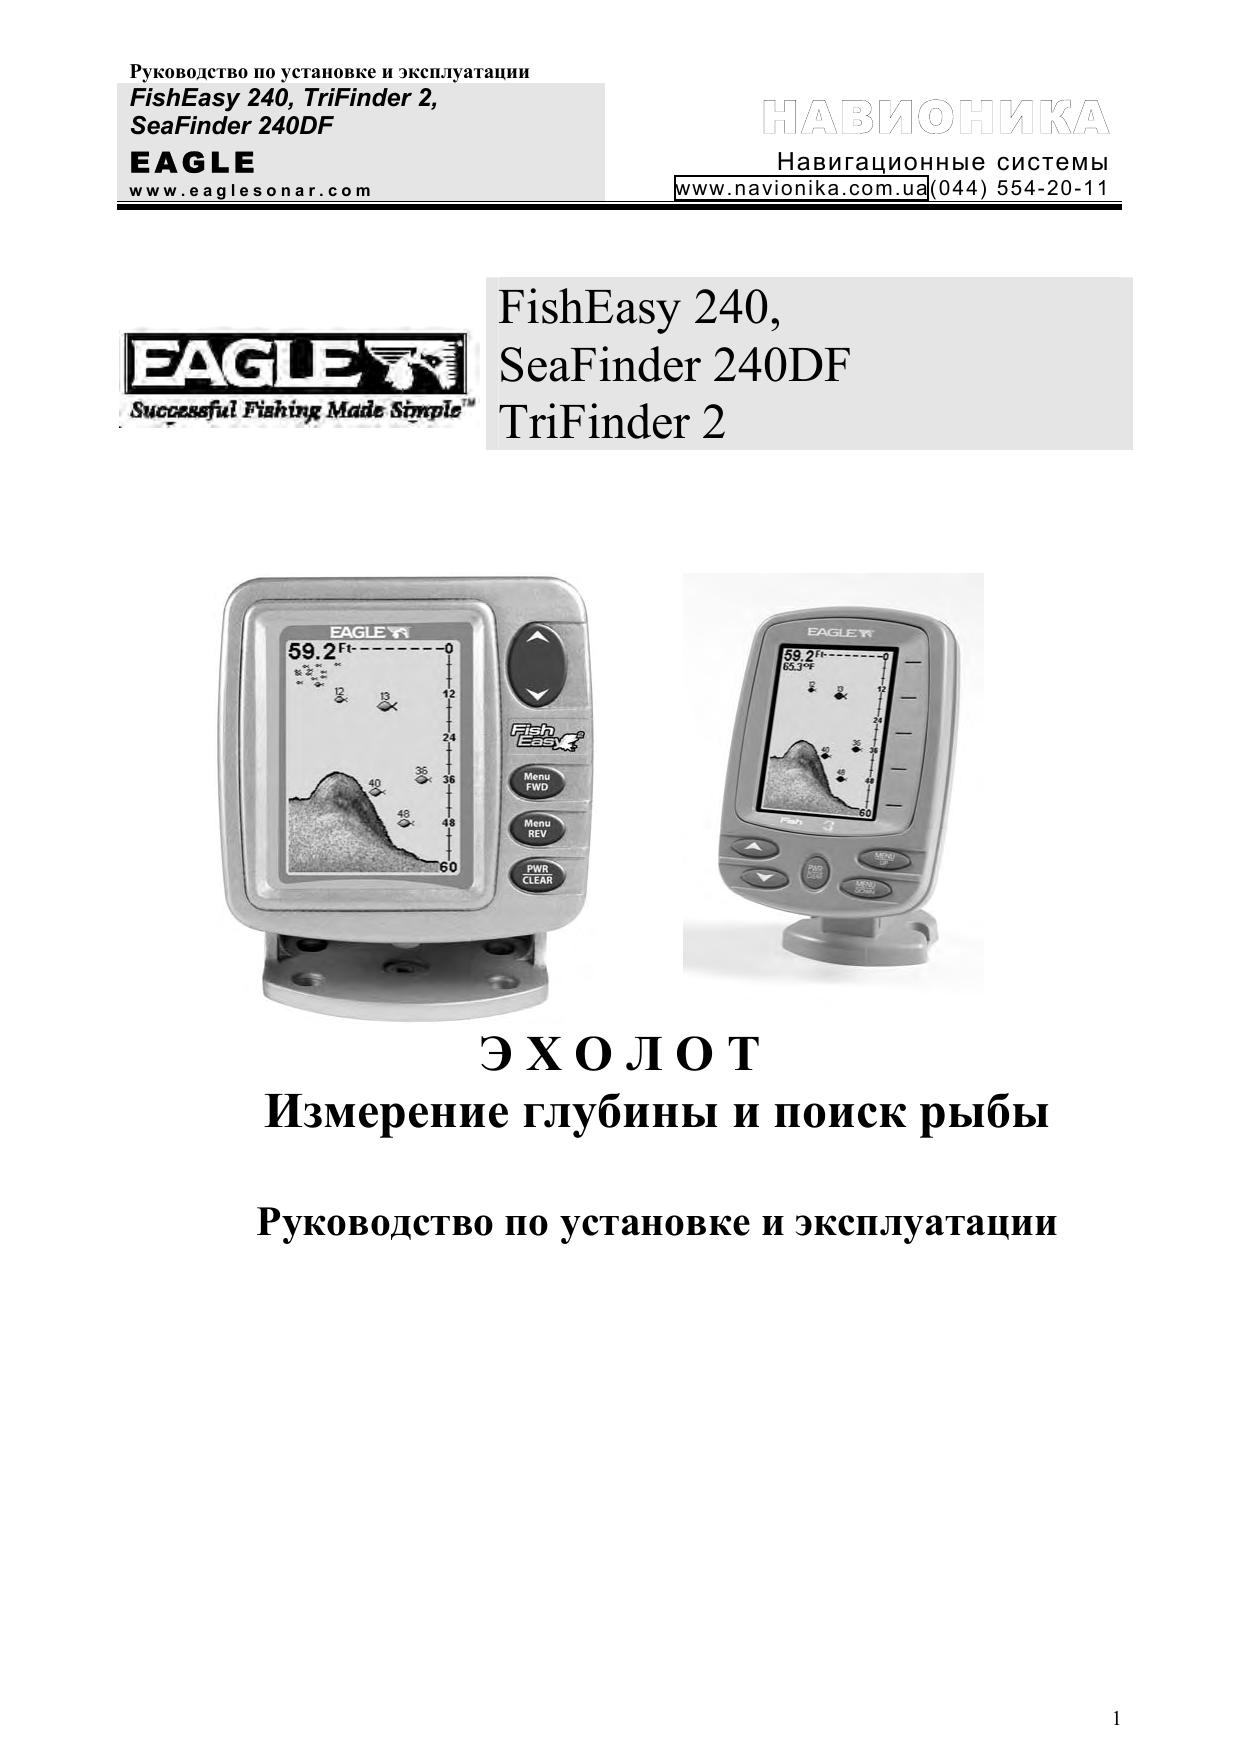 Инструкция к эхолоту eagle cuda 240 i s gps